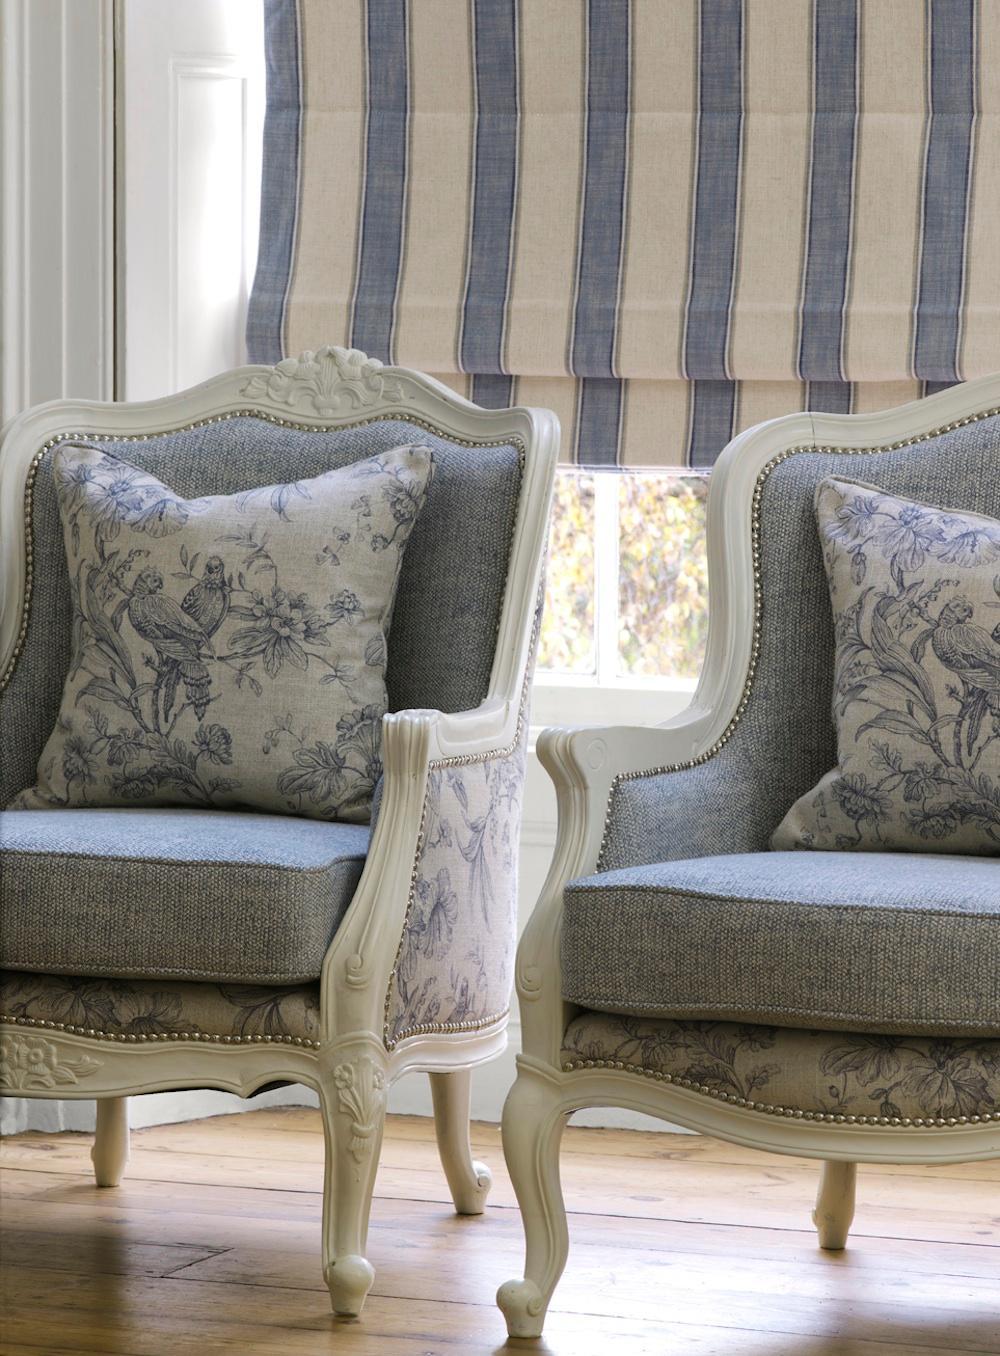 Edle Sesselbezüge, Kissen Und Gardinen #wohnzimmer #sessel #kissen #gardine  #grauersessel